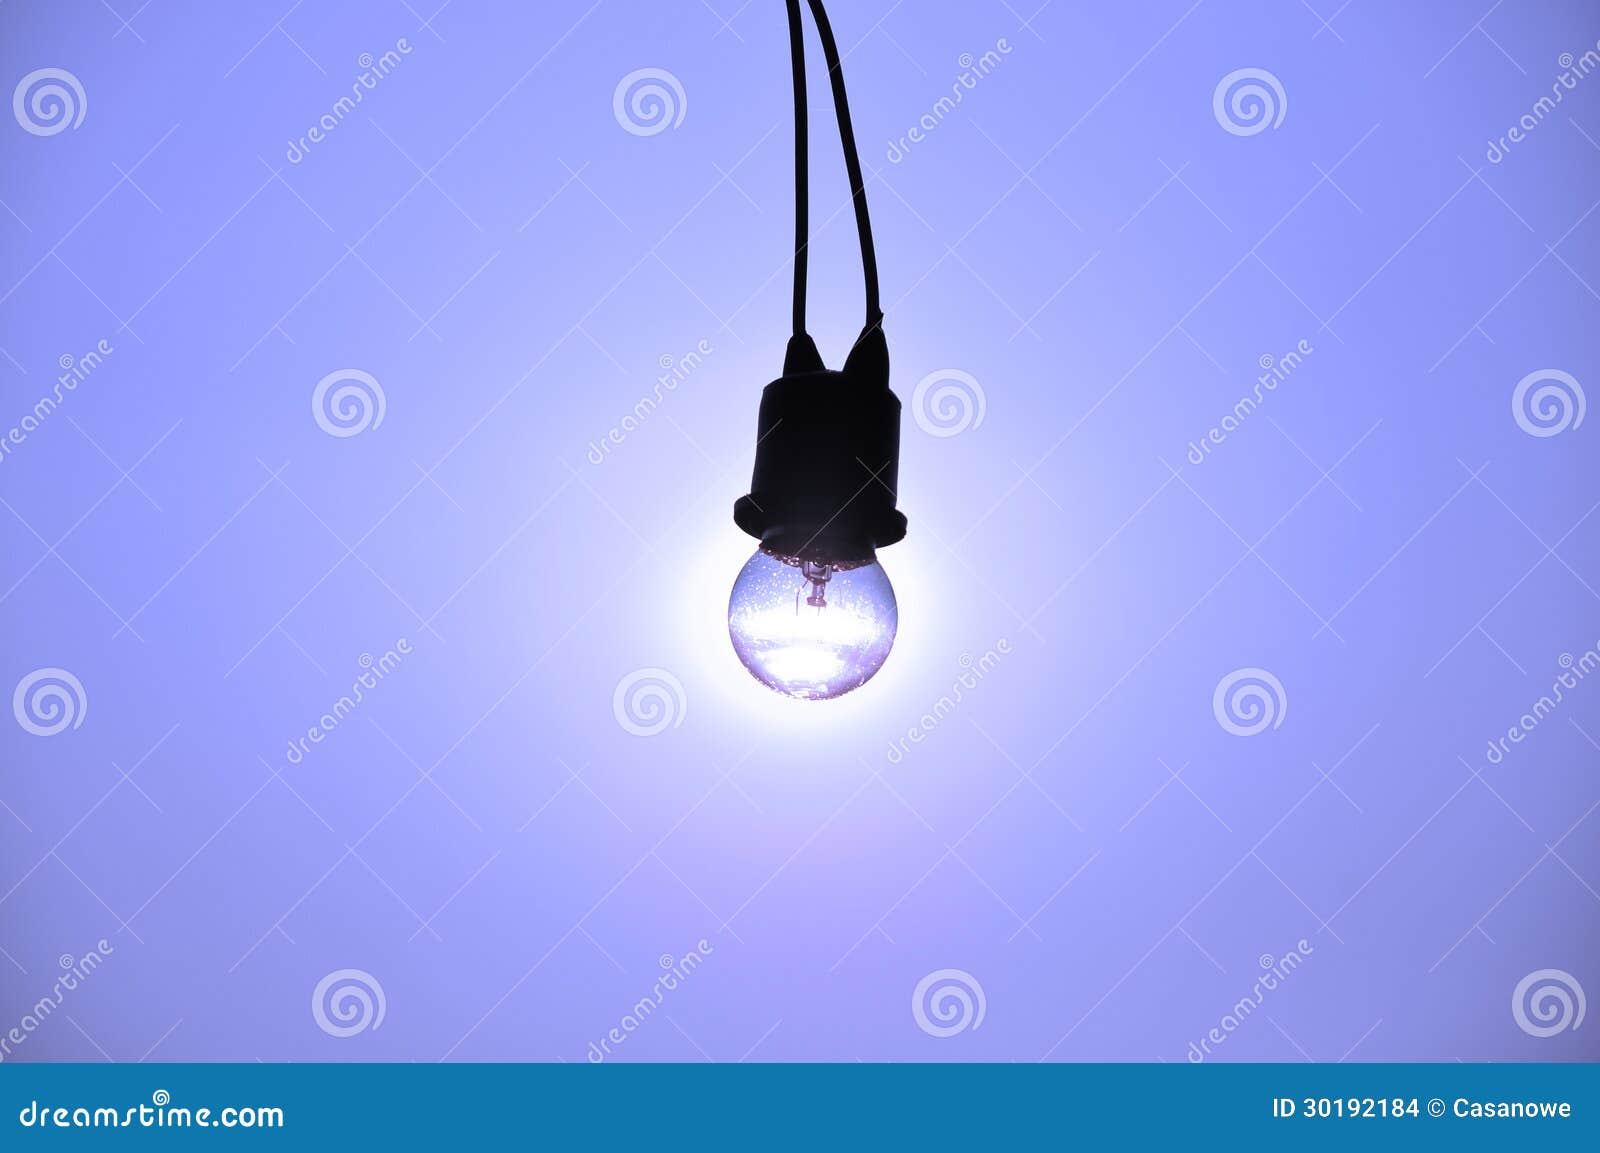 ac11a1189 Rayo de sol en lámpara foto de archivo. Imagen de lámpara - 30192184